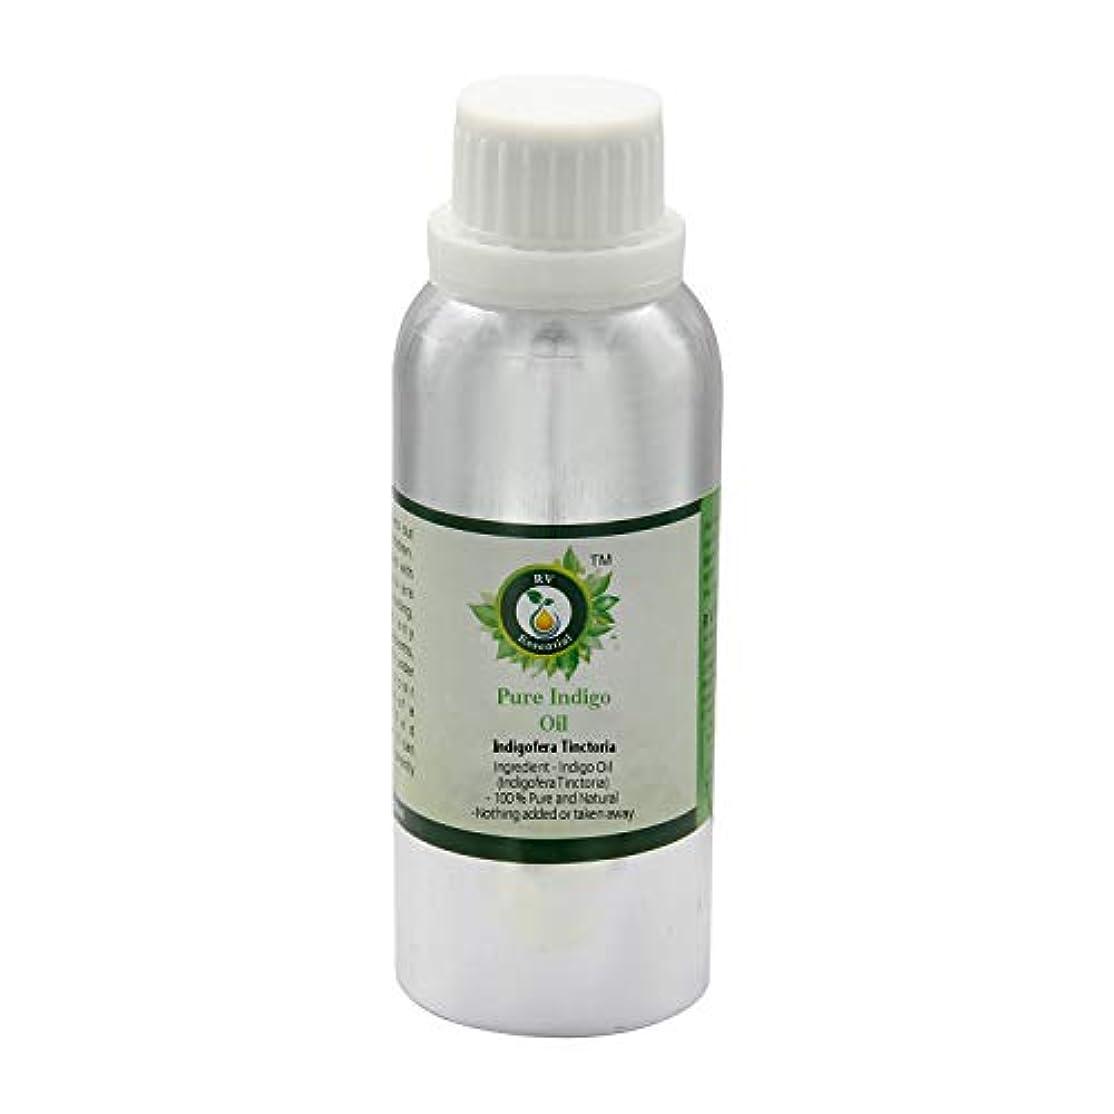 小麦粉透けて見える自我ピュアインディゴオイル630ml (21oz)- Indigofera Tinctoria (100%純粋でナチュラル) Pure Indigo Oil